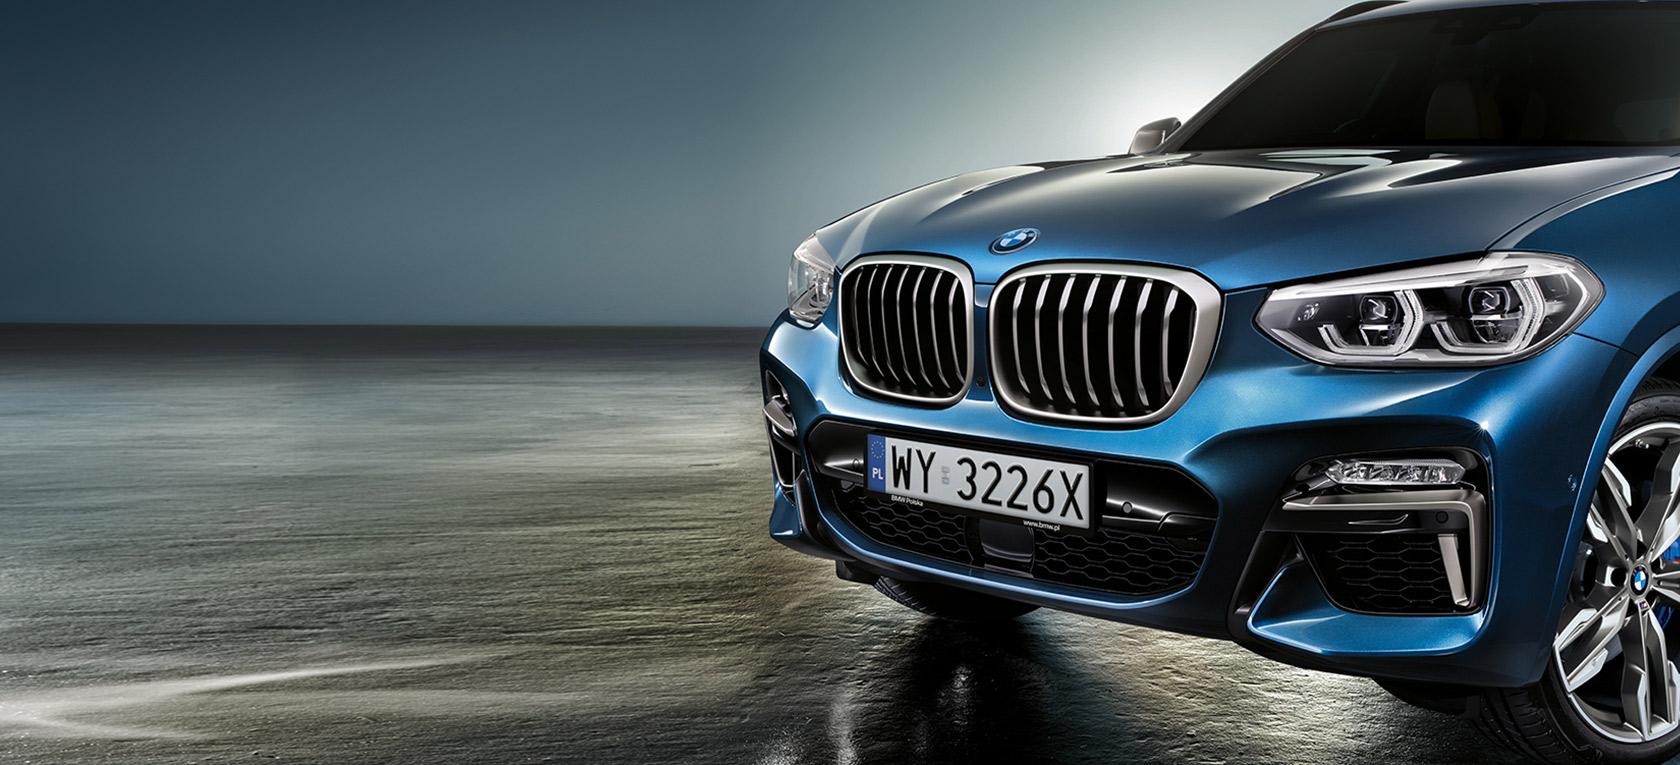 Chłodny Wybierz BMW z pakietem M Sport. | Dealer BMW Bawaria Motors Katowice AM57